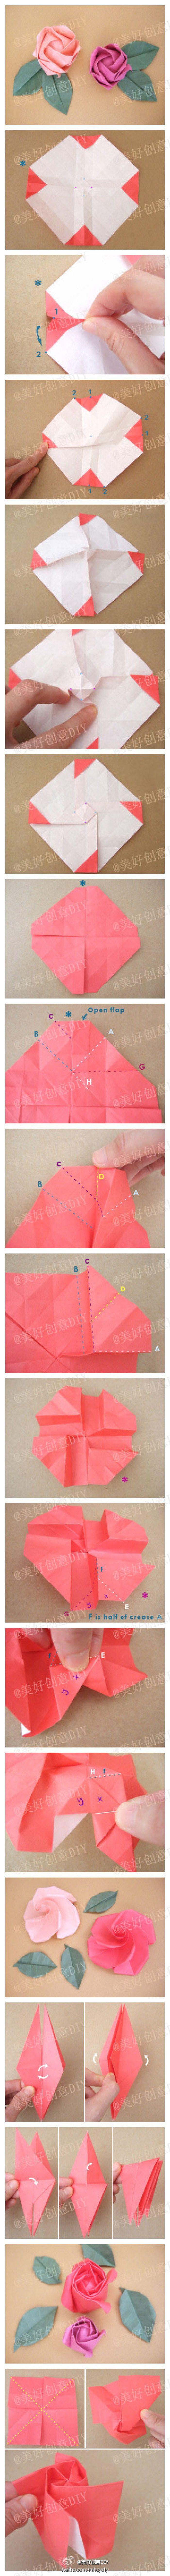 立体玫瑰折法大集合